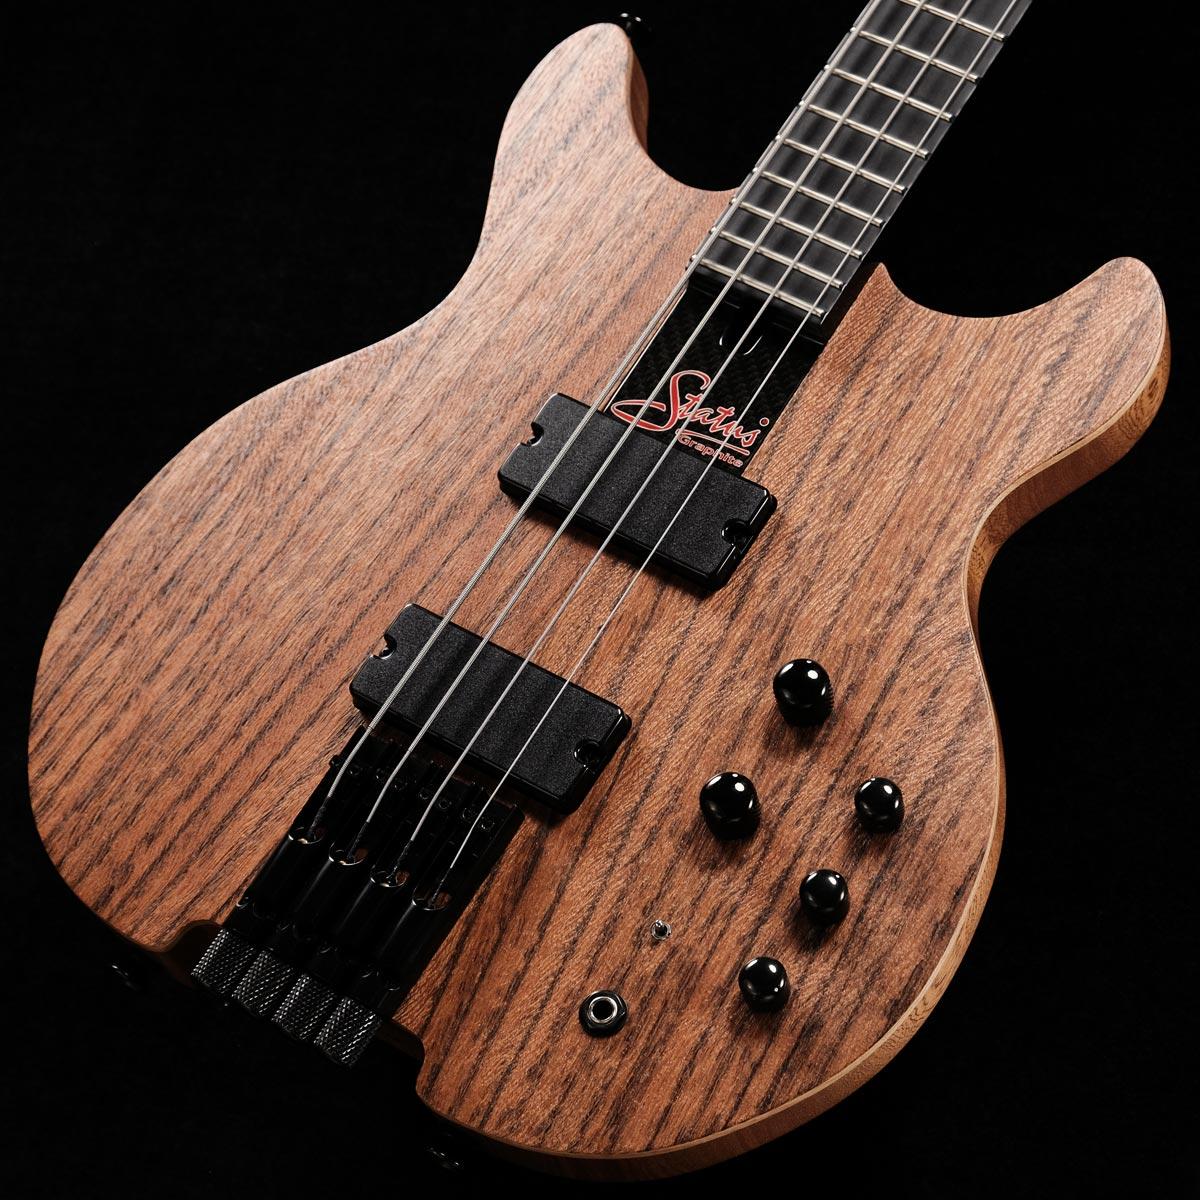 ベース, エレキベース Status Graphite King Bass Standard Bolt-on Malaysian Tigerwood TOPSN 1018482